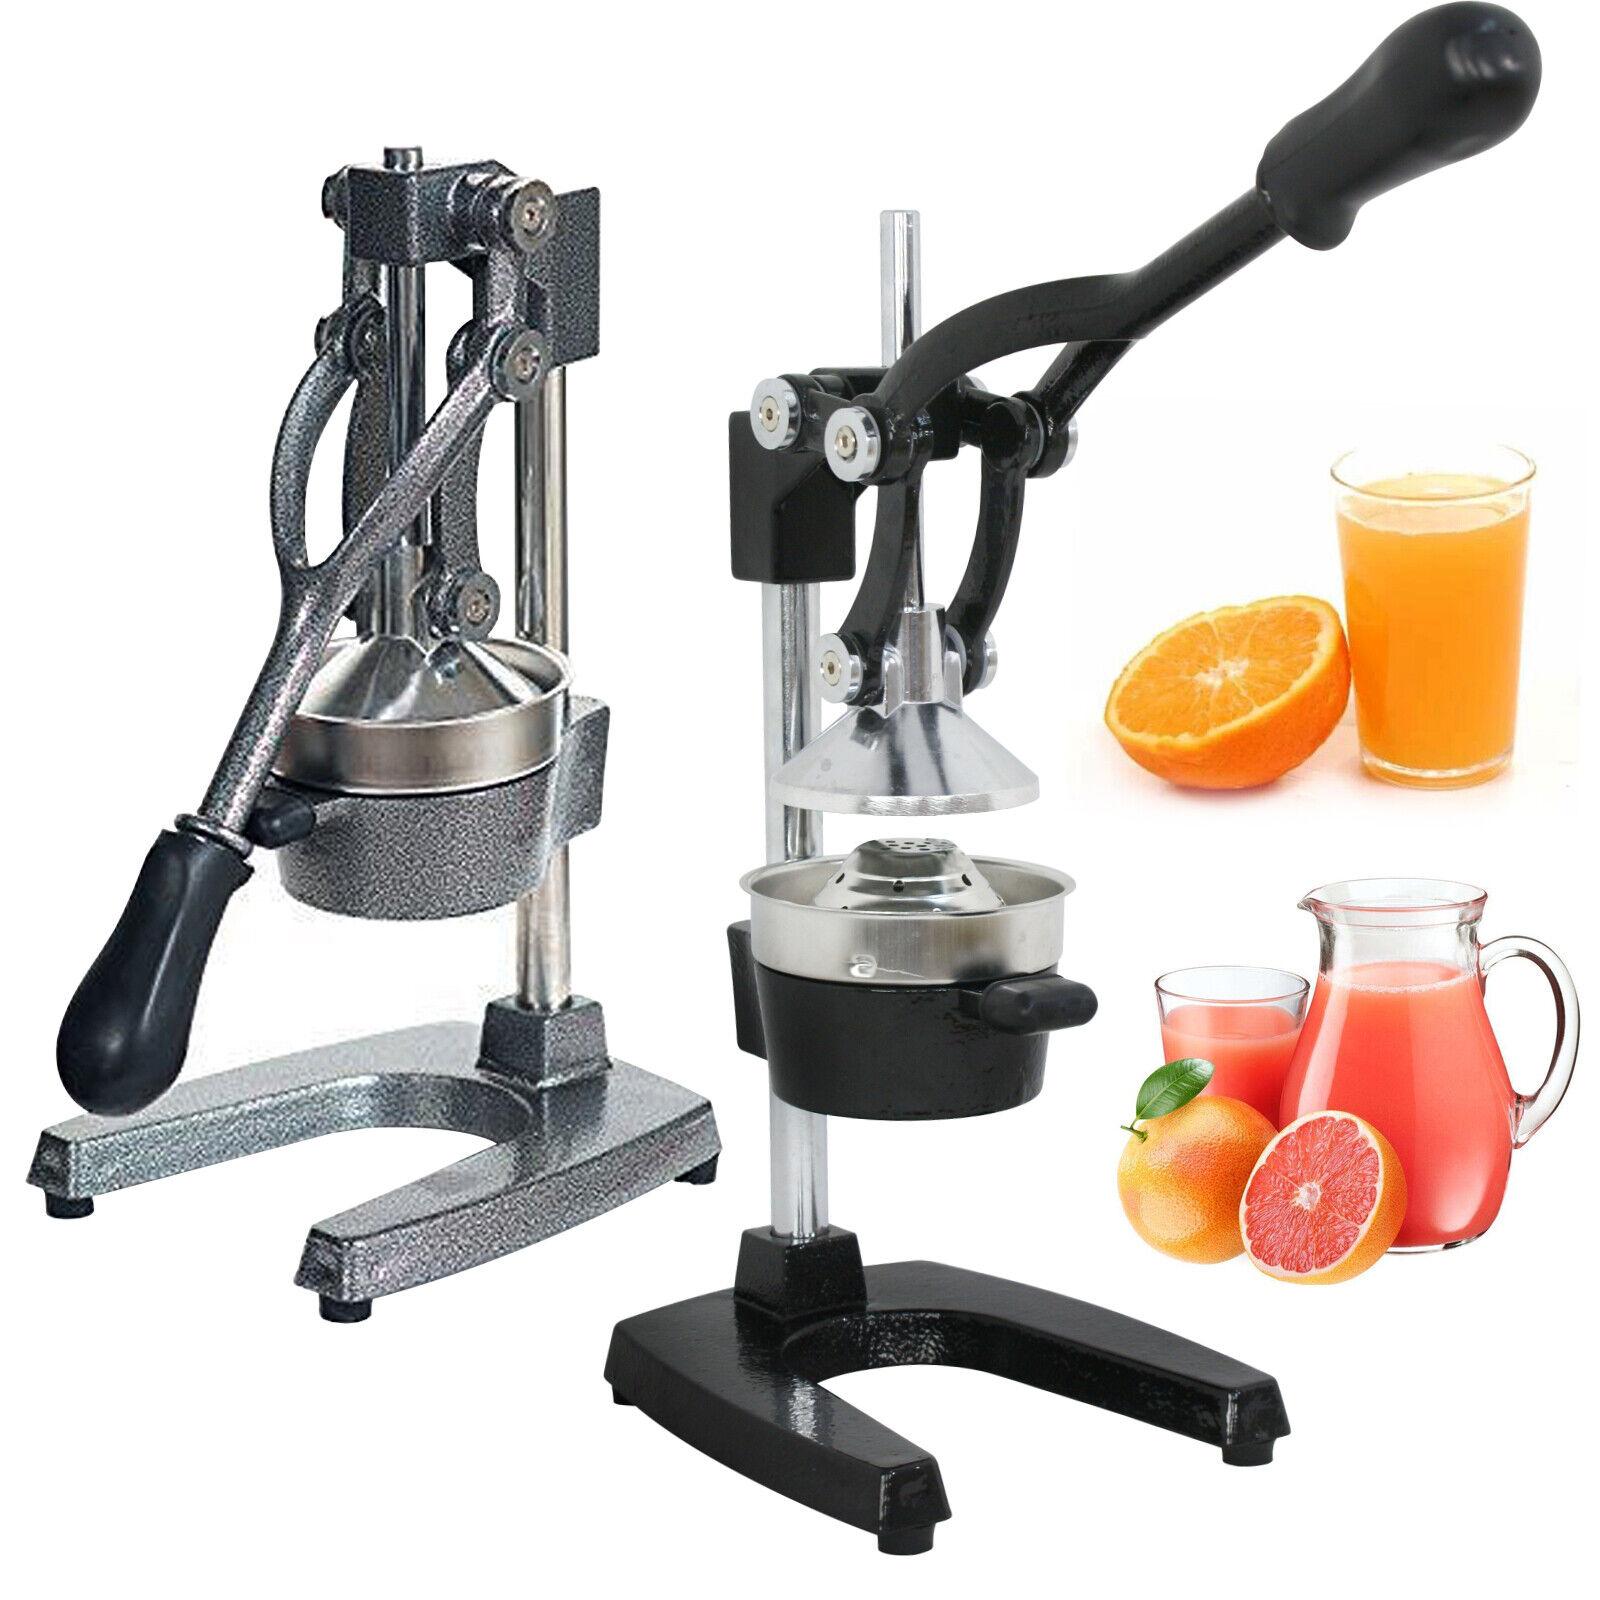 Citrus Orange Fruit Maker Commercial Manual Juicer Press GradeProfessional Home & Garden